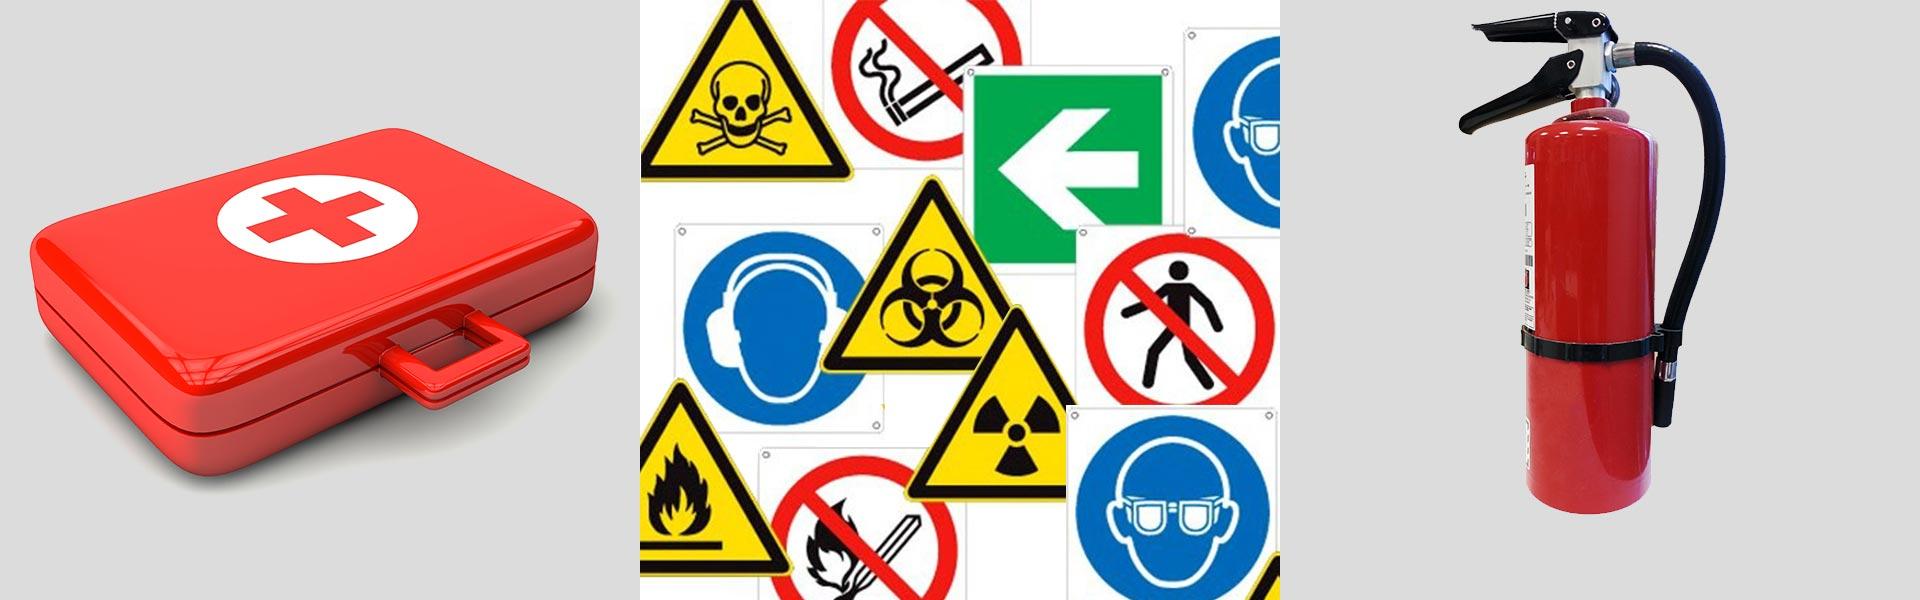 Dima antinfortunistica, antincendio, segnaletica di sicurezza, antifurti e ferramenta da Asti